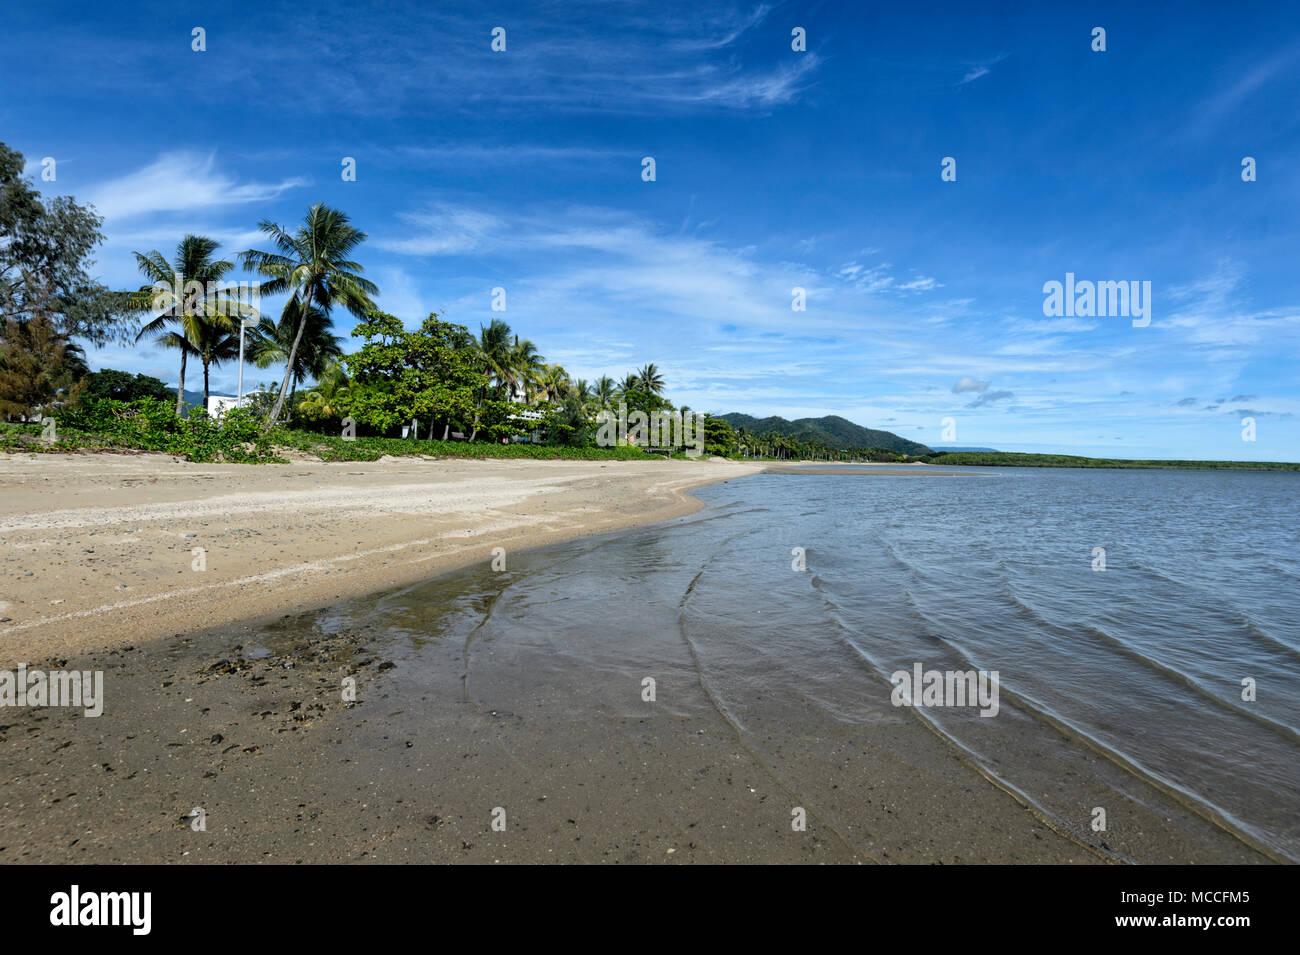 Plage de sable fin dans le centre de Cairns, l'extrême nord du Queensland, Australie, Queensland, FNQ Banque D'Images